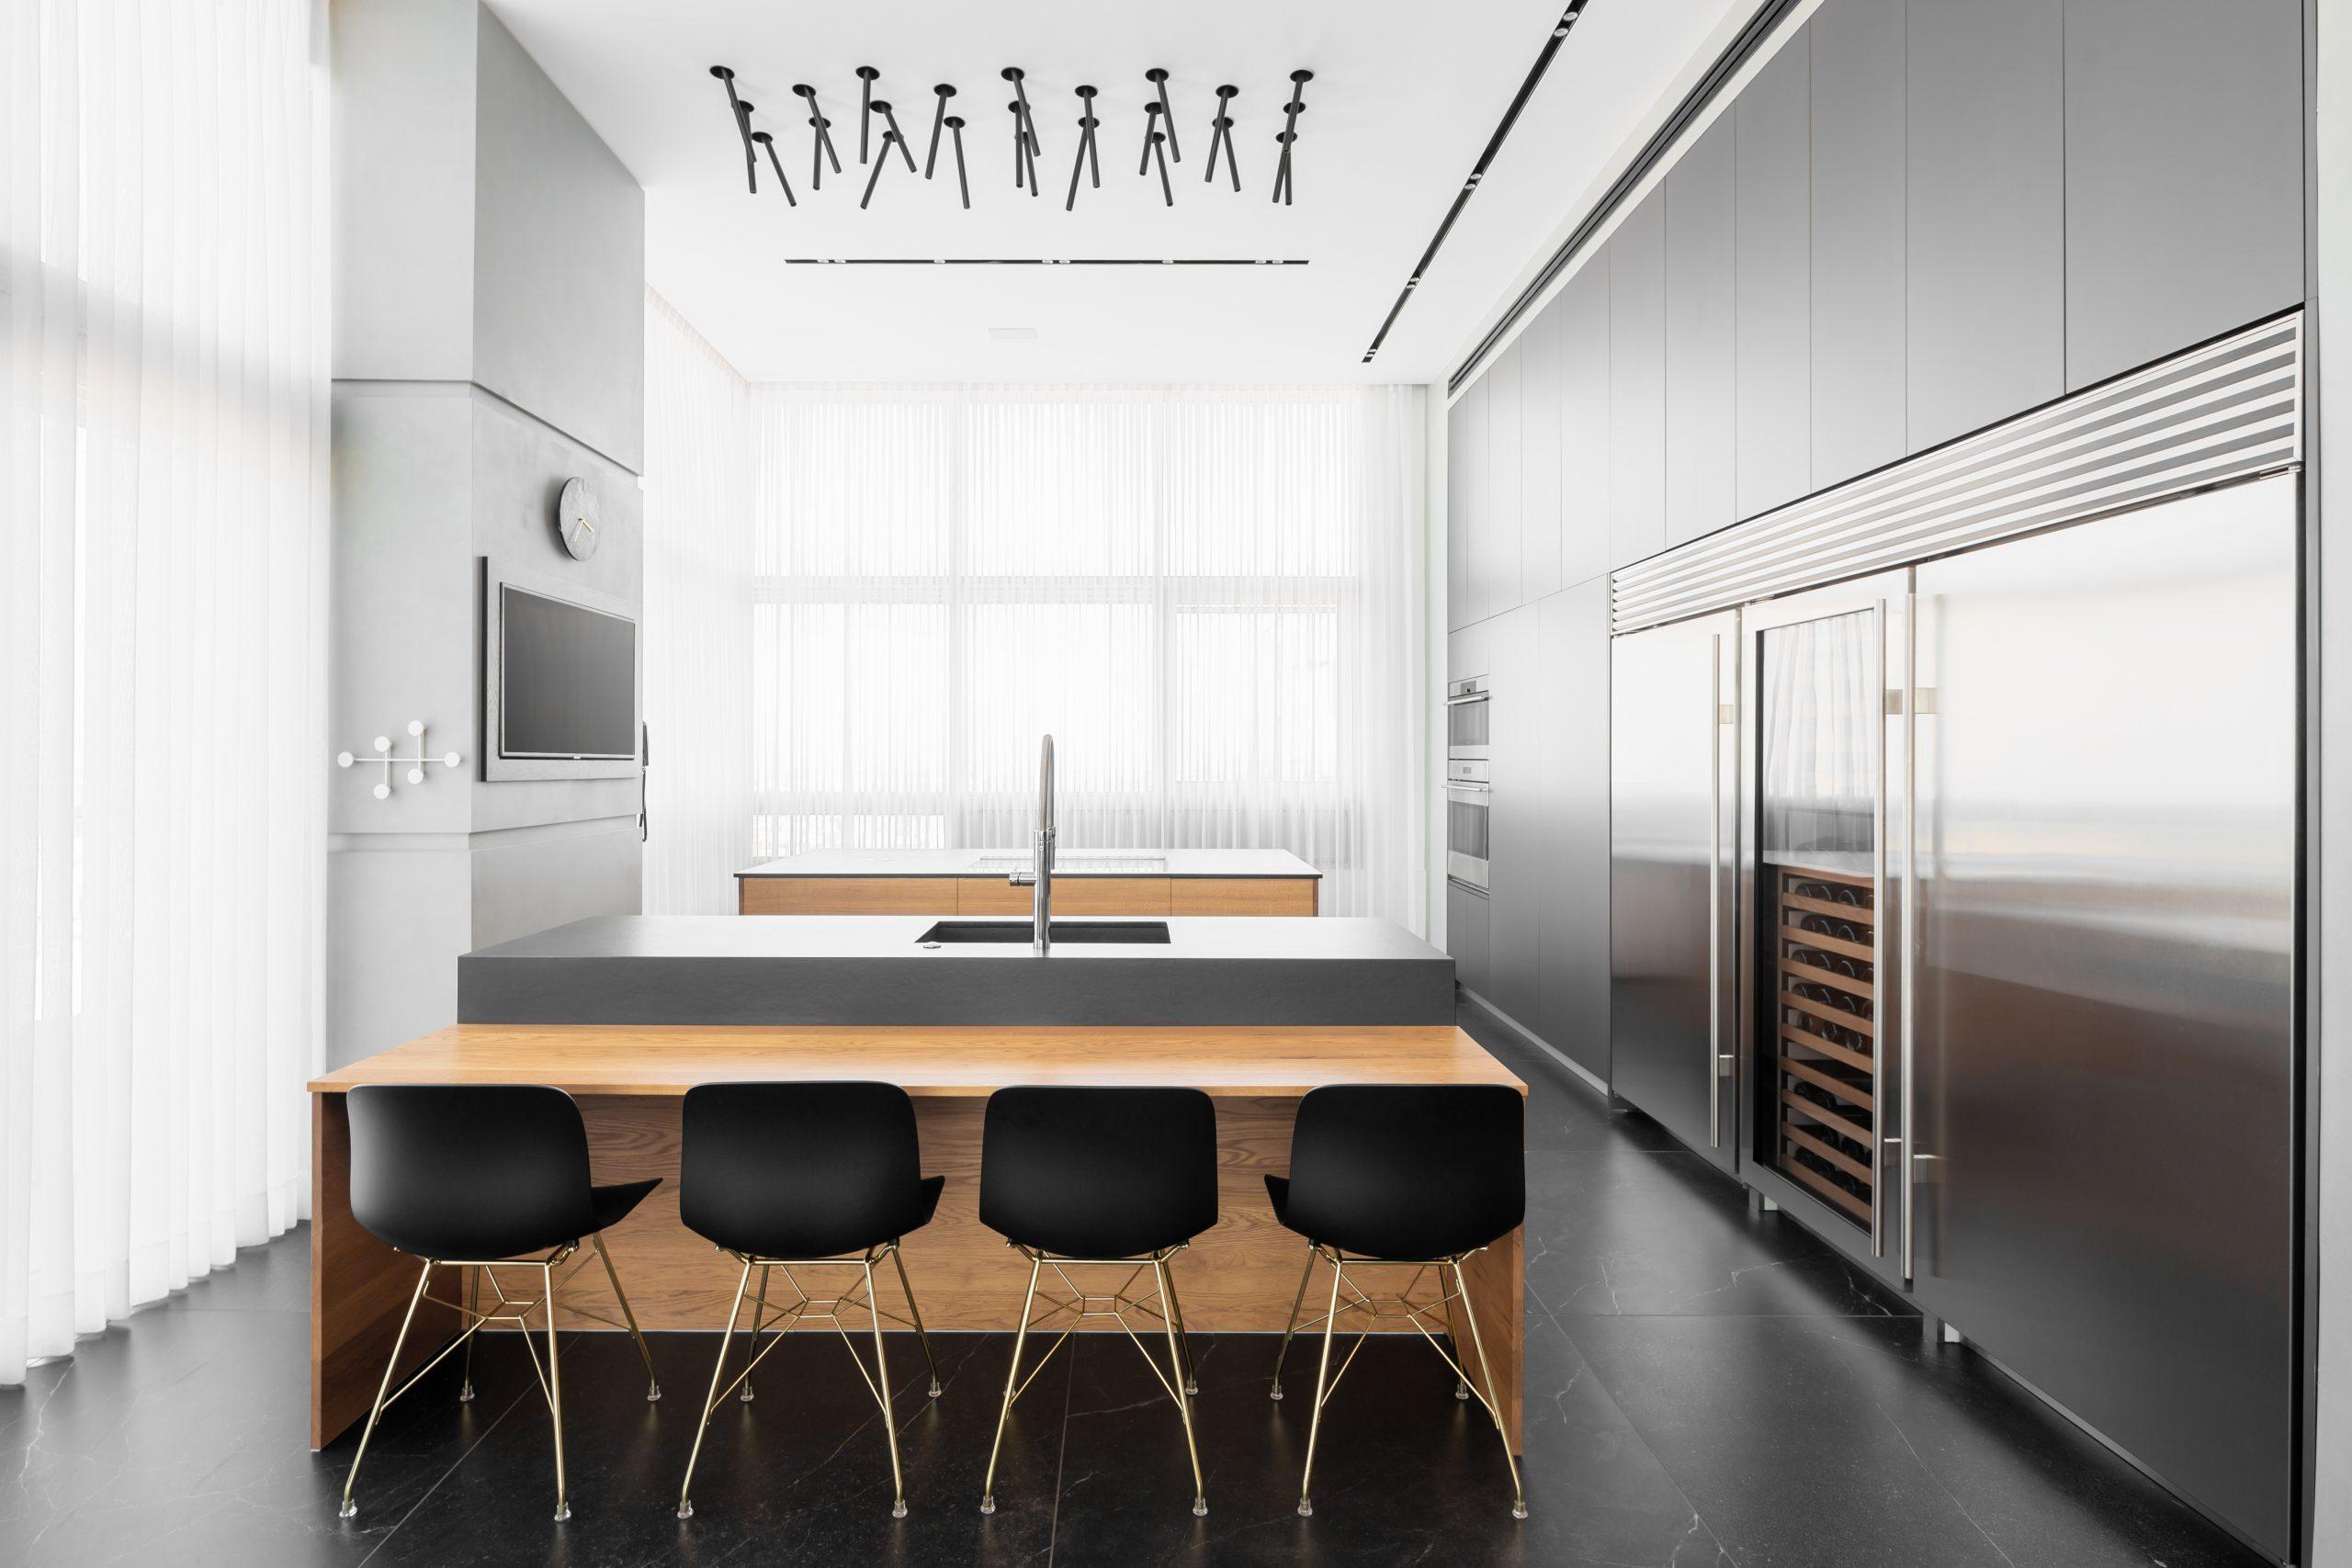 מטבח מודרני מעוצב עם גופי תאורה דקורטיביים